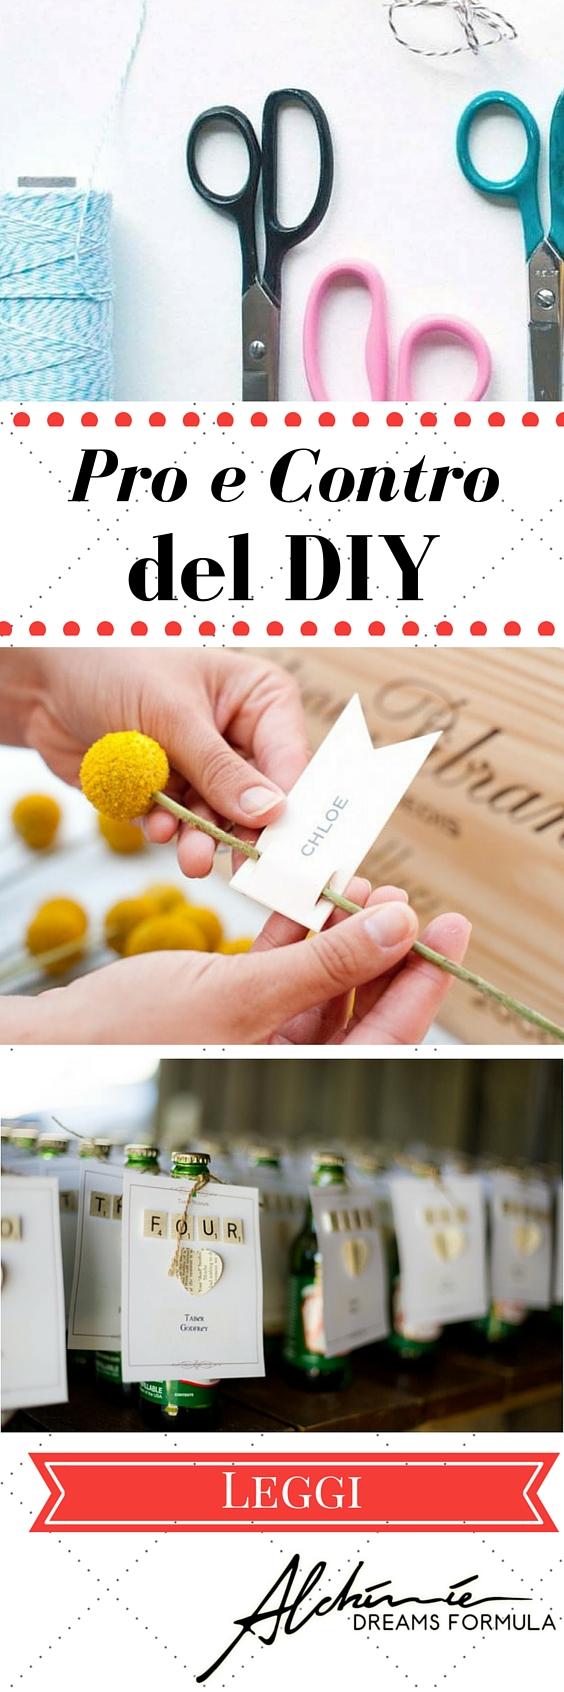 Pro e contro del DIY: do it yourself DIY: yes or no?